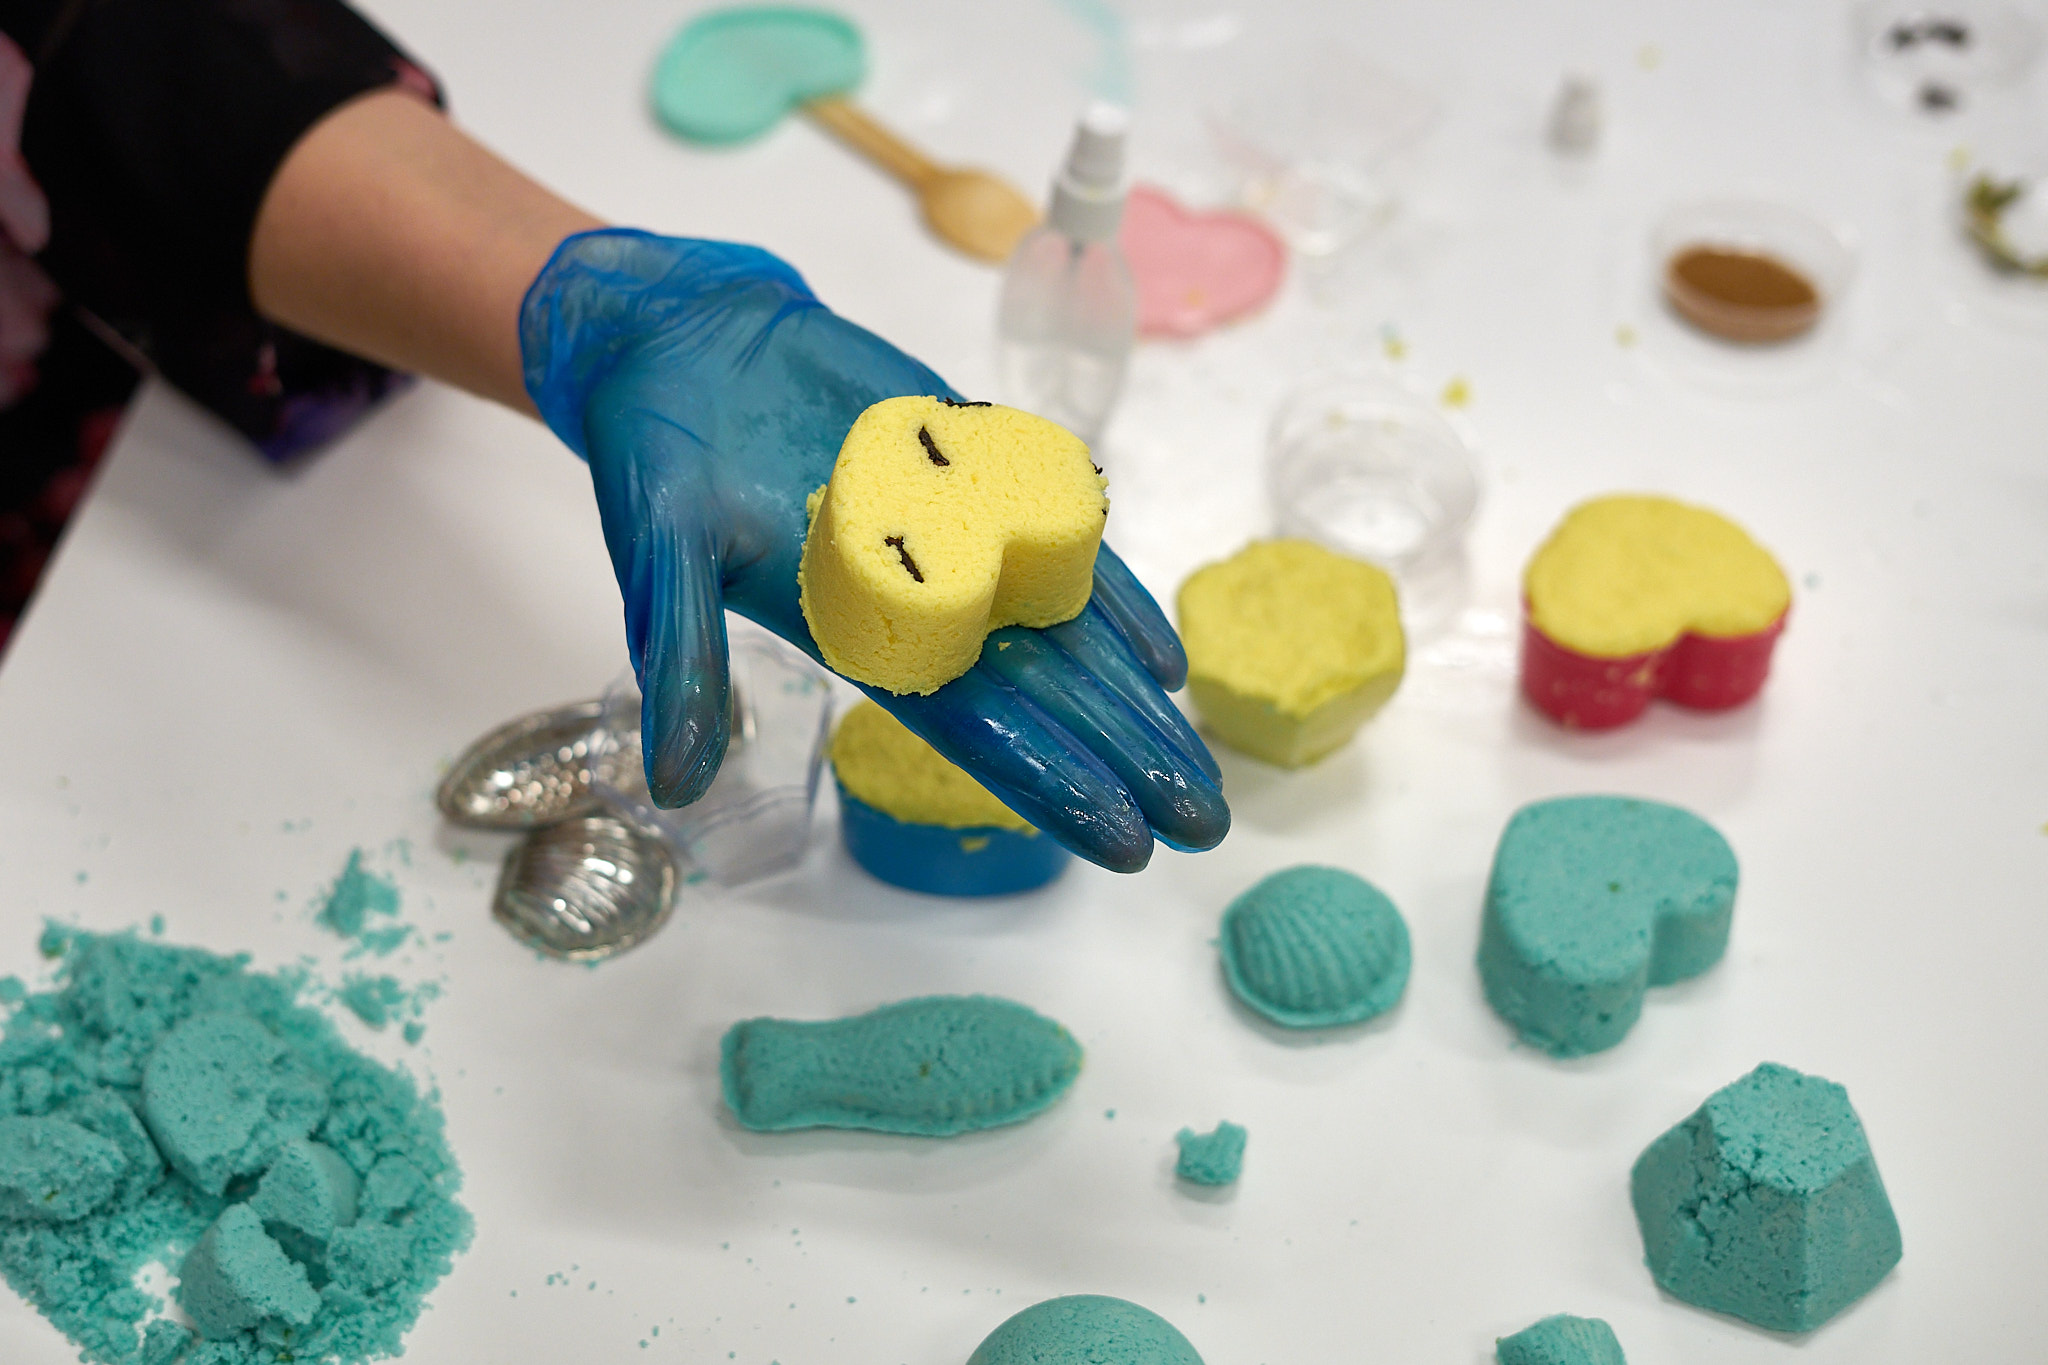 """""""Naturalne kosmetyki- kule do kąpieli inspirowane podróżami"""" – V Międzynarodowy Kongres Kreatywny Design Plus / Dzień 2"""